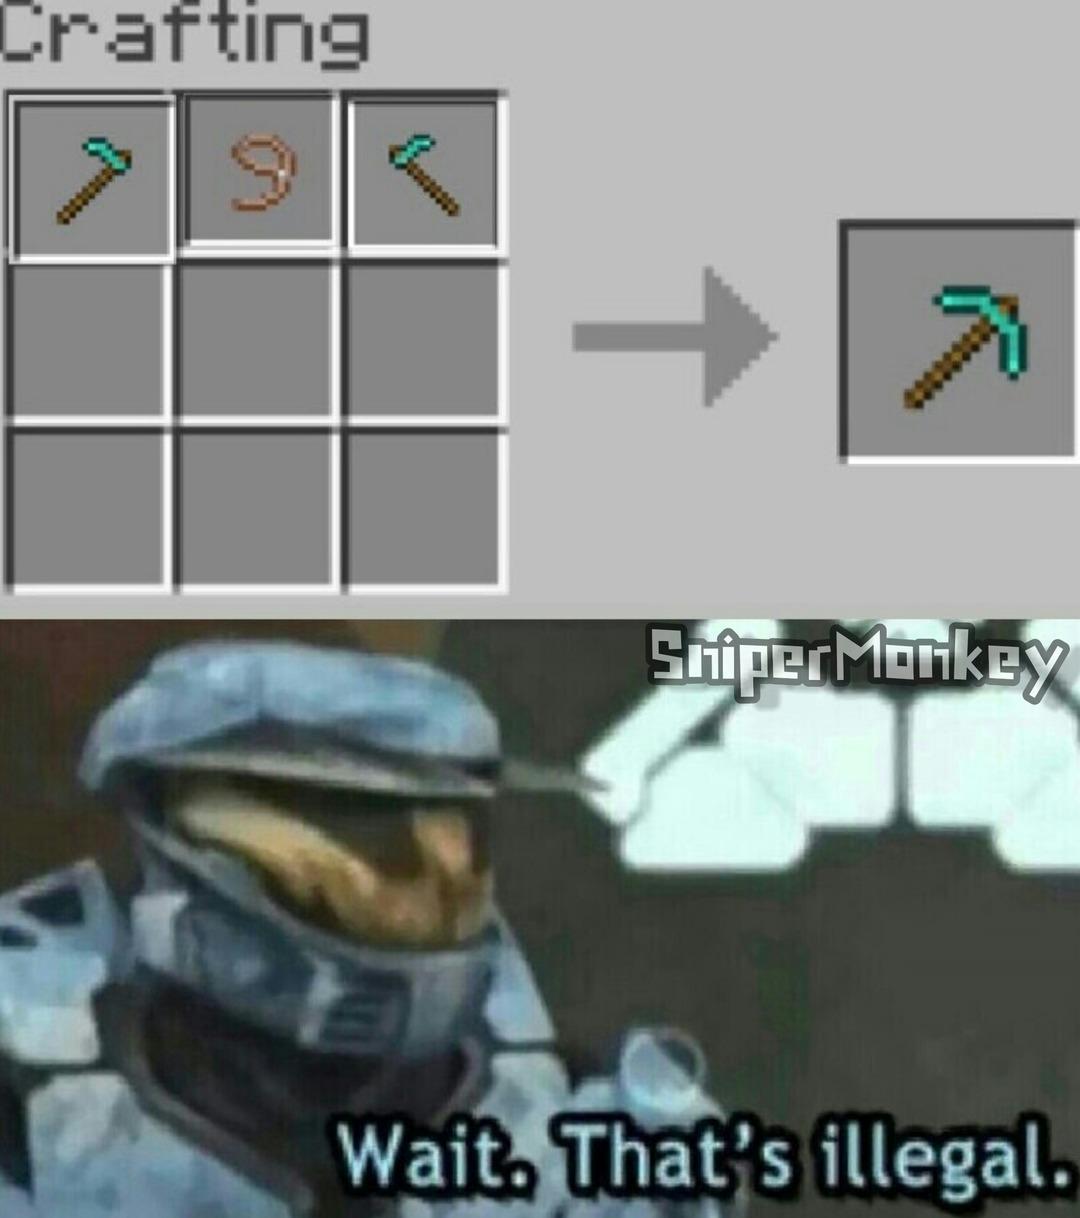 Espera, eso es ilegal - meme